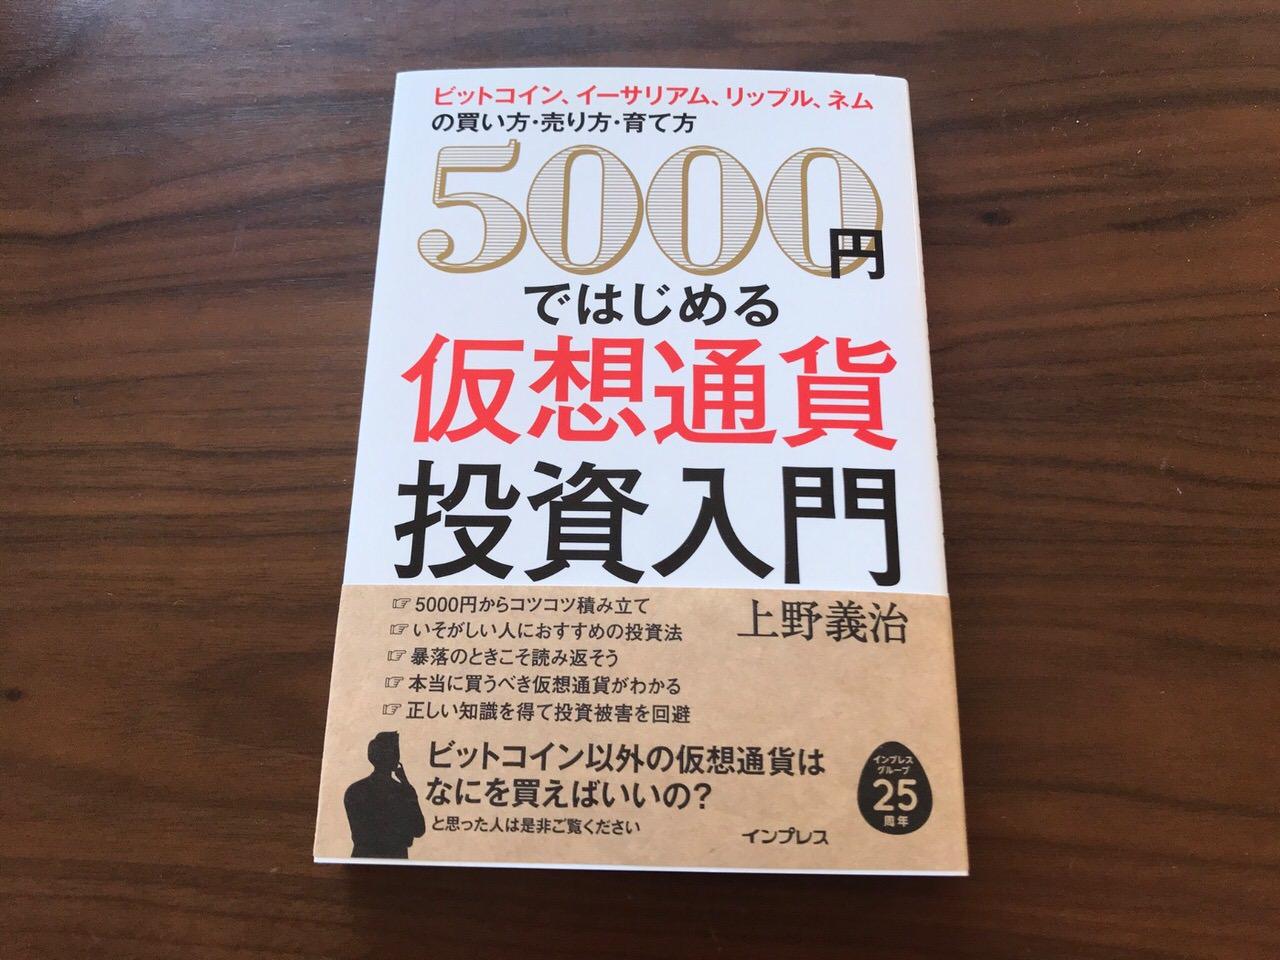 【献本】上野義治「5000円ではじめる仮想通貨投資入門」